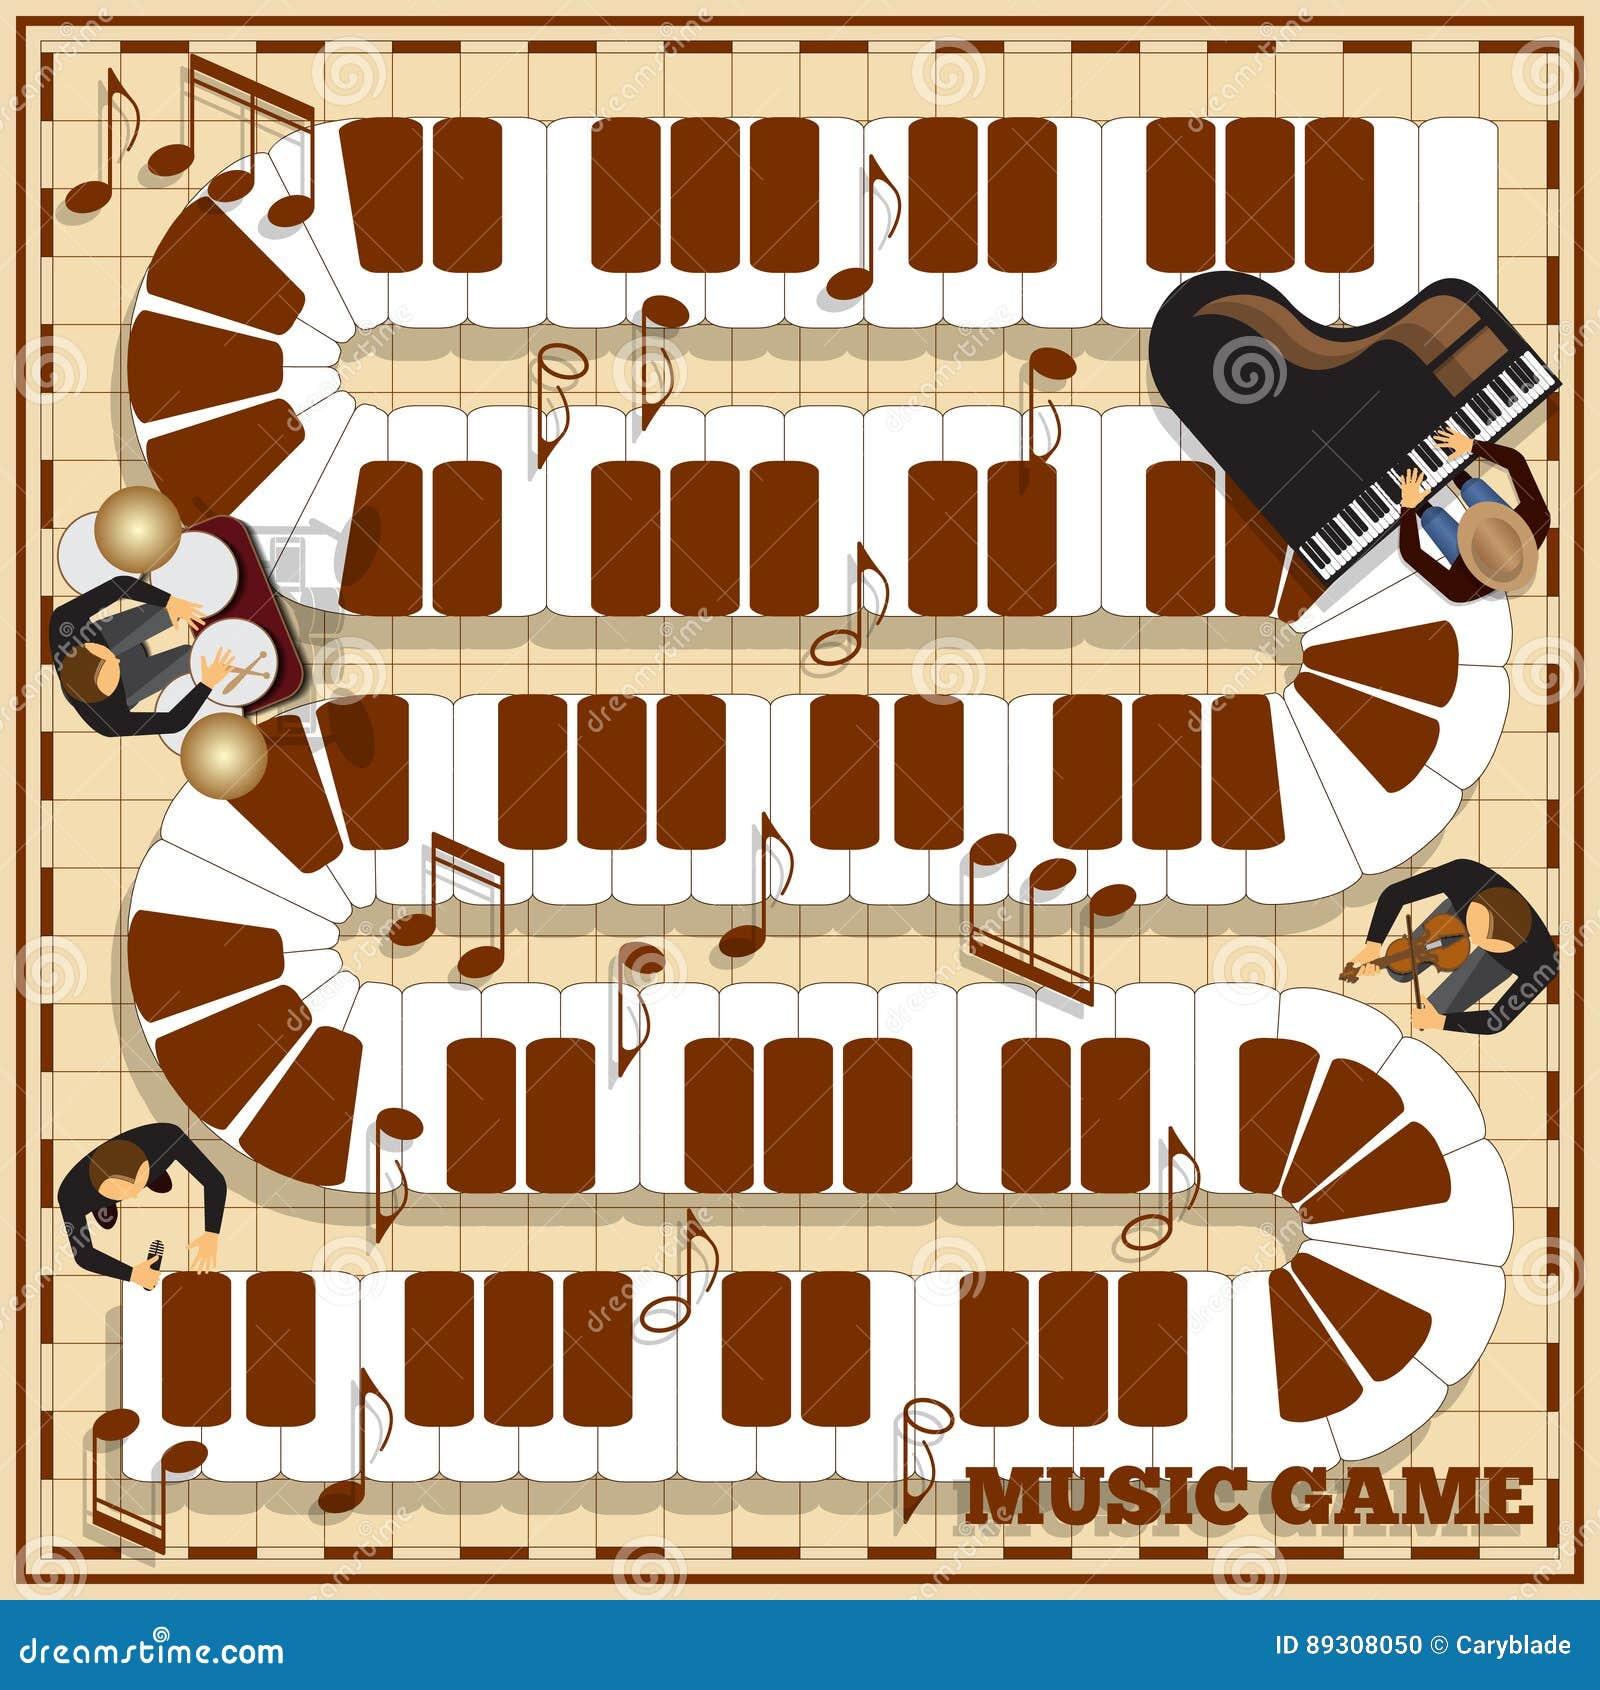 Chaves do piano em um campo quadriculado